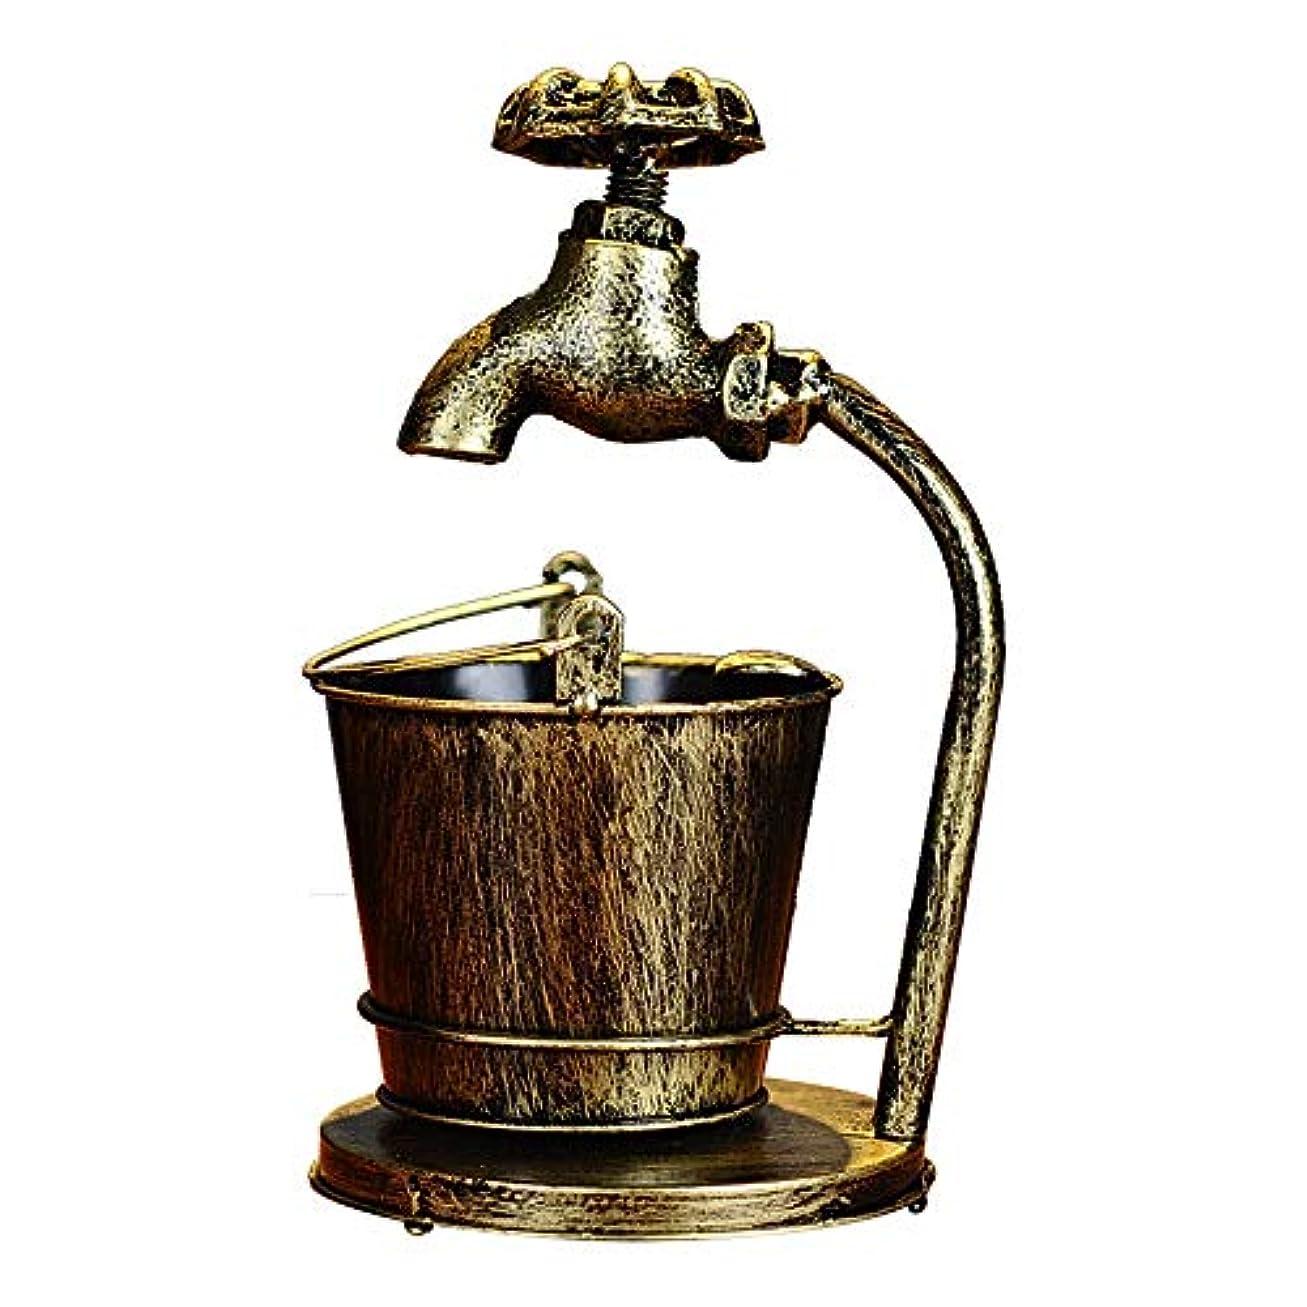 ゴルフ代表ファンレトロ鉄手作り工芸品灰皿クリエイティブバーインターネットカフェ写真小道具装飾品